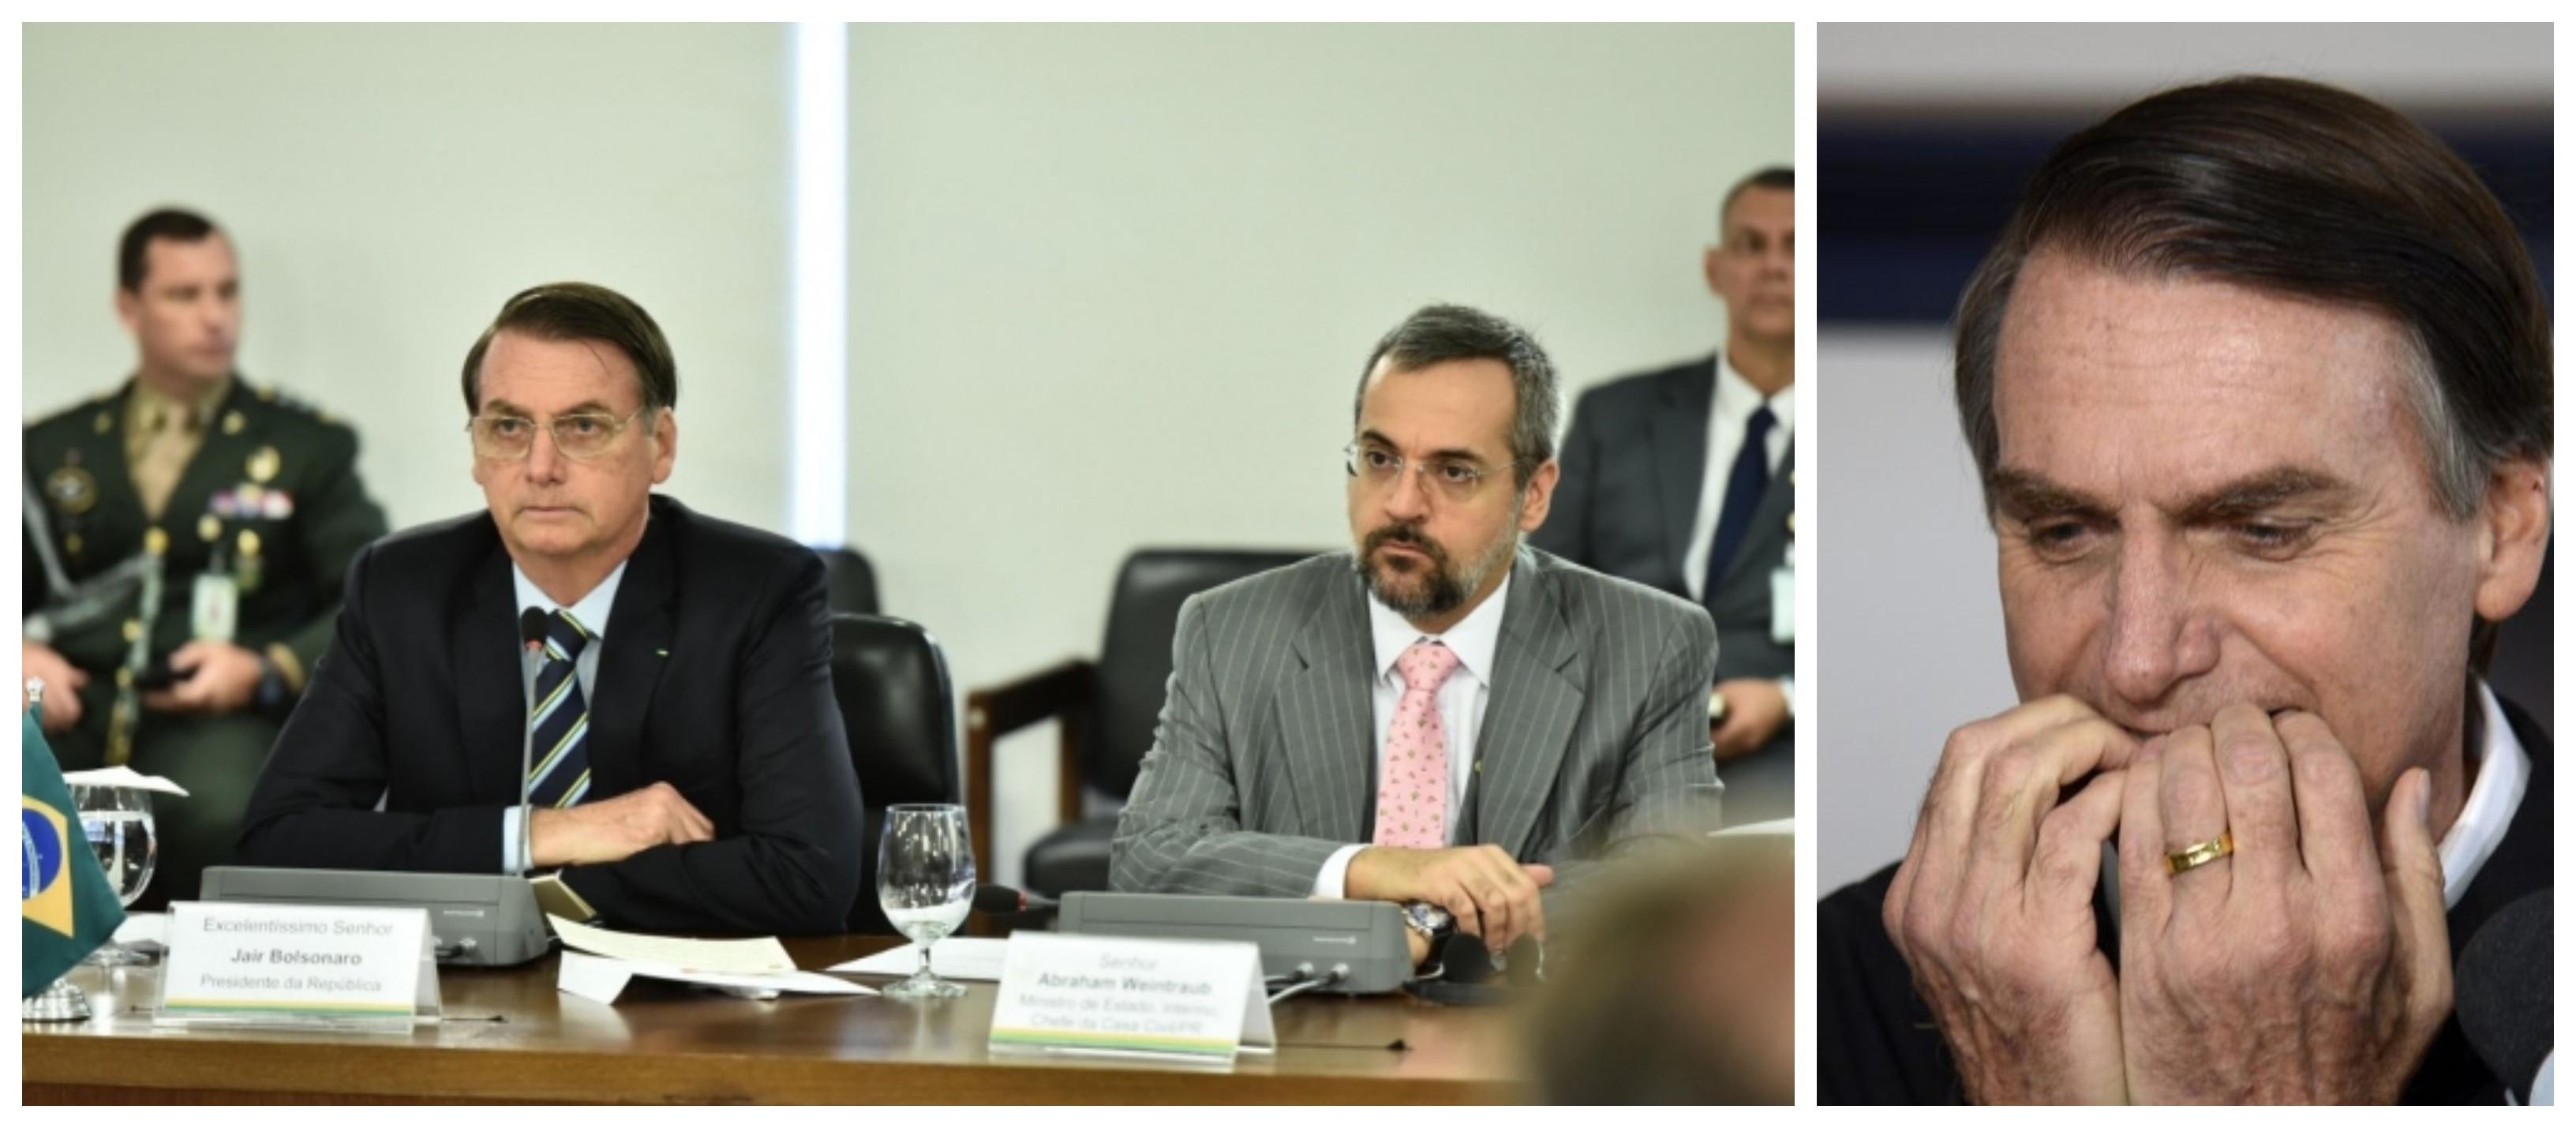 Pimenta: Governo Bolsonaro é a verdadeira balbúrdia nacional e não as universidades que ele ataca